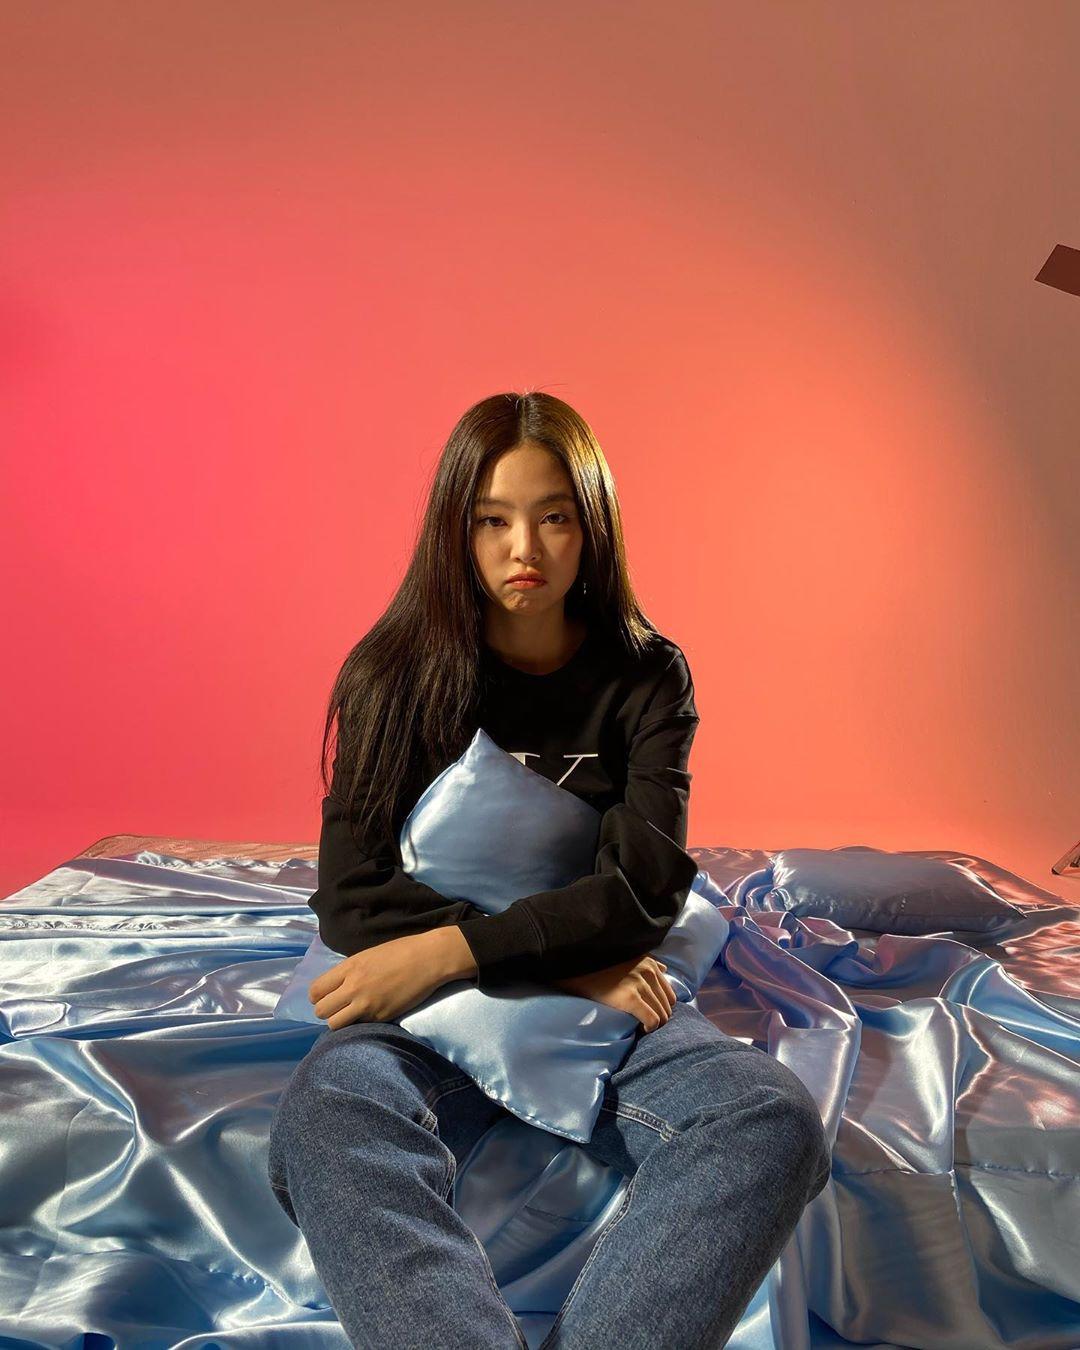 제니 × 켈빈클라인 새 사진!! | 인스티즈